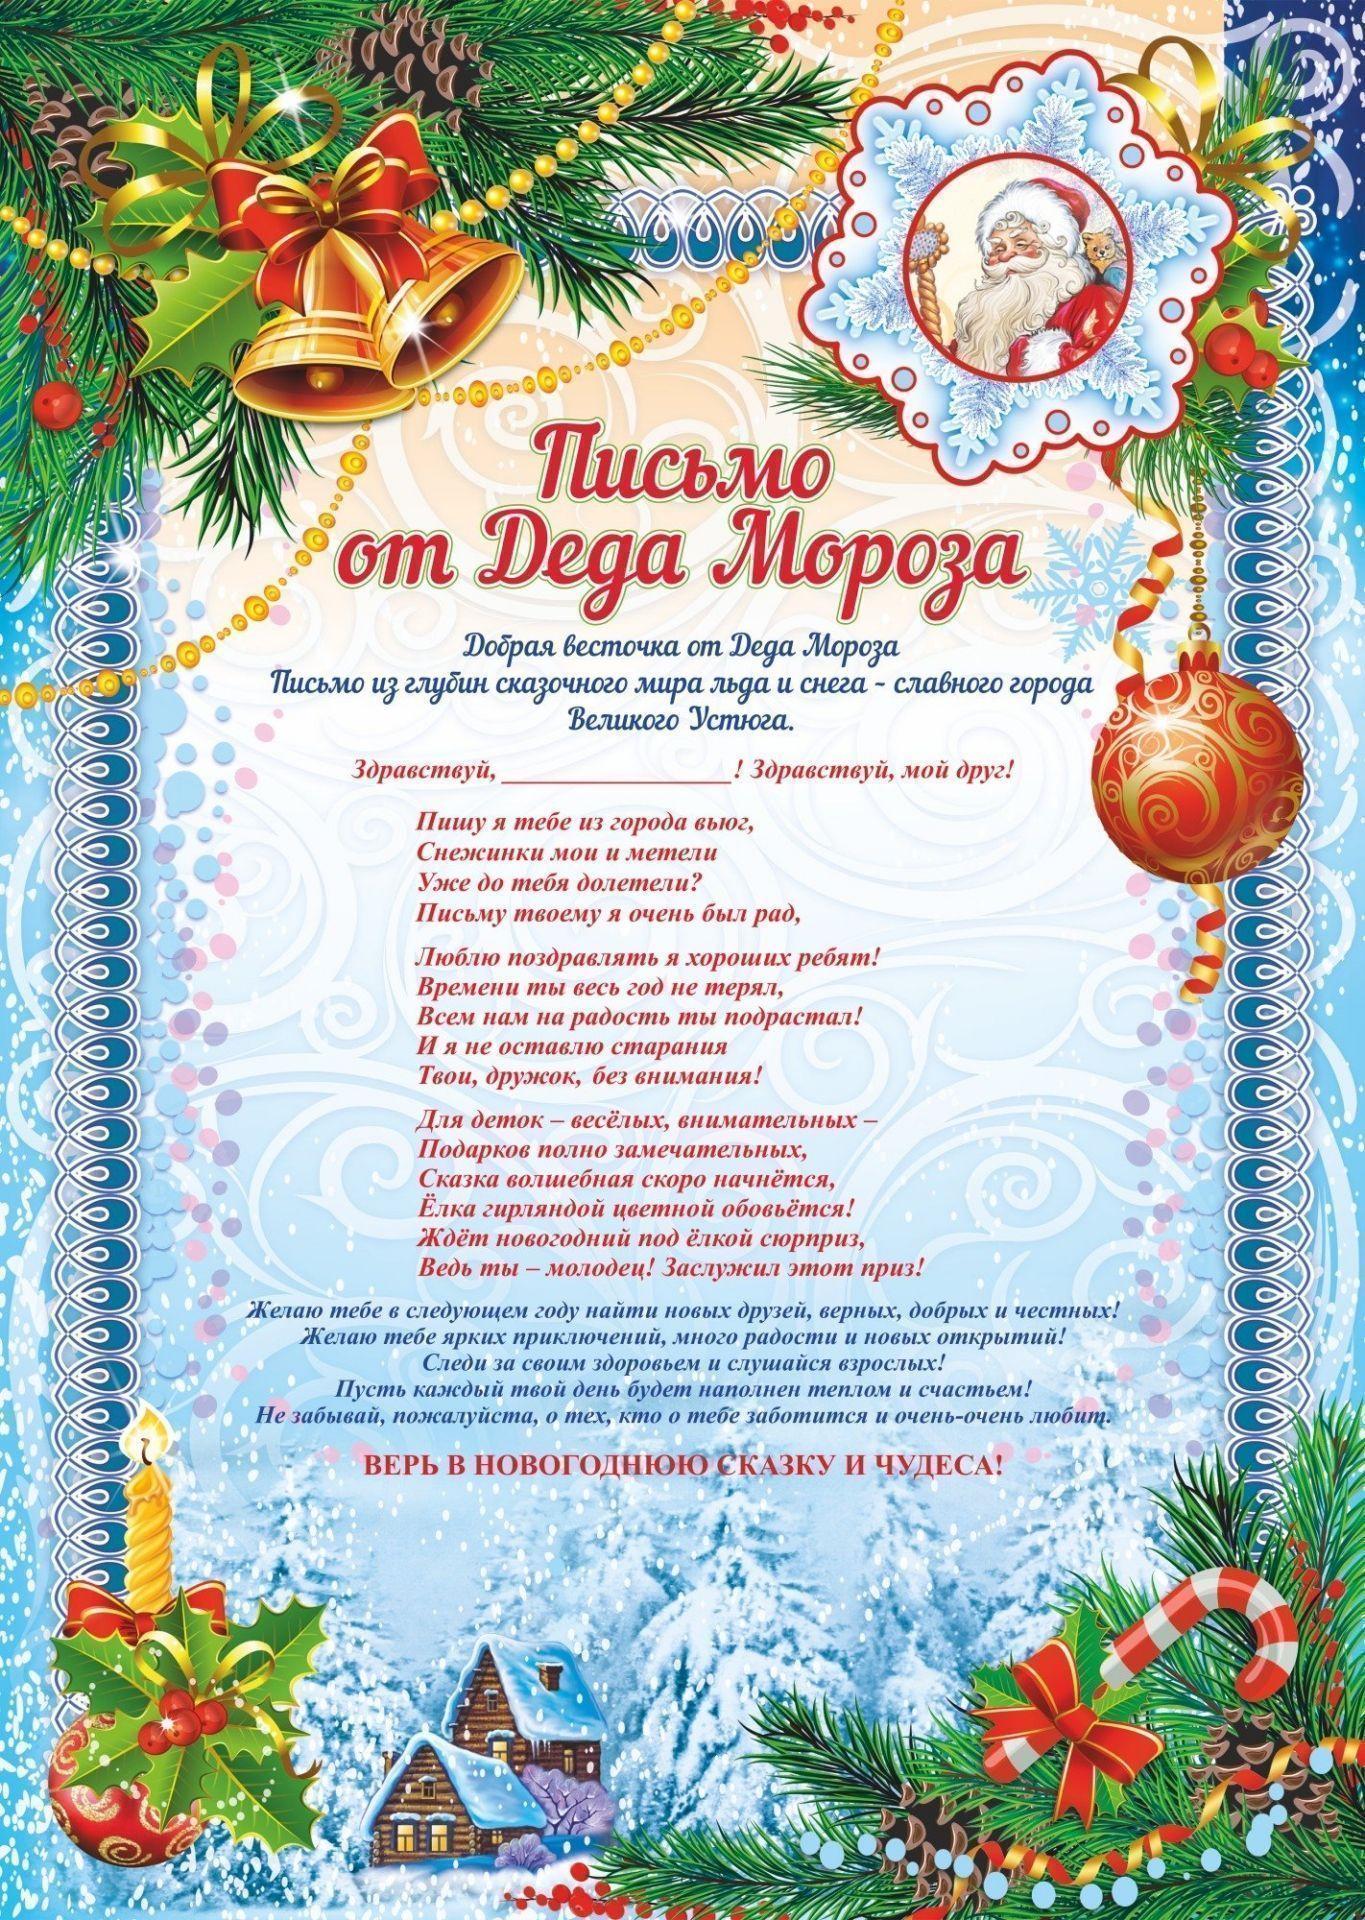 Письмо от Деда Мороза и Снегурочки (с глиттерным лаком)К праздникам и мероприятиям<br>.<br><br>Год: 2017<br>Высота: 297<br>Ширина: 210<br>Переплёт: бланк